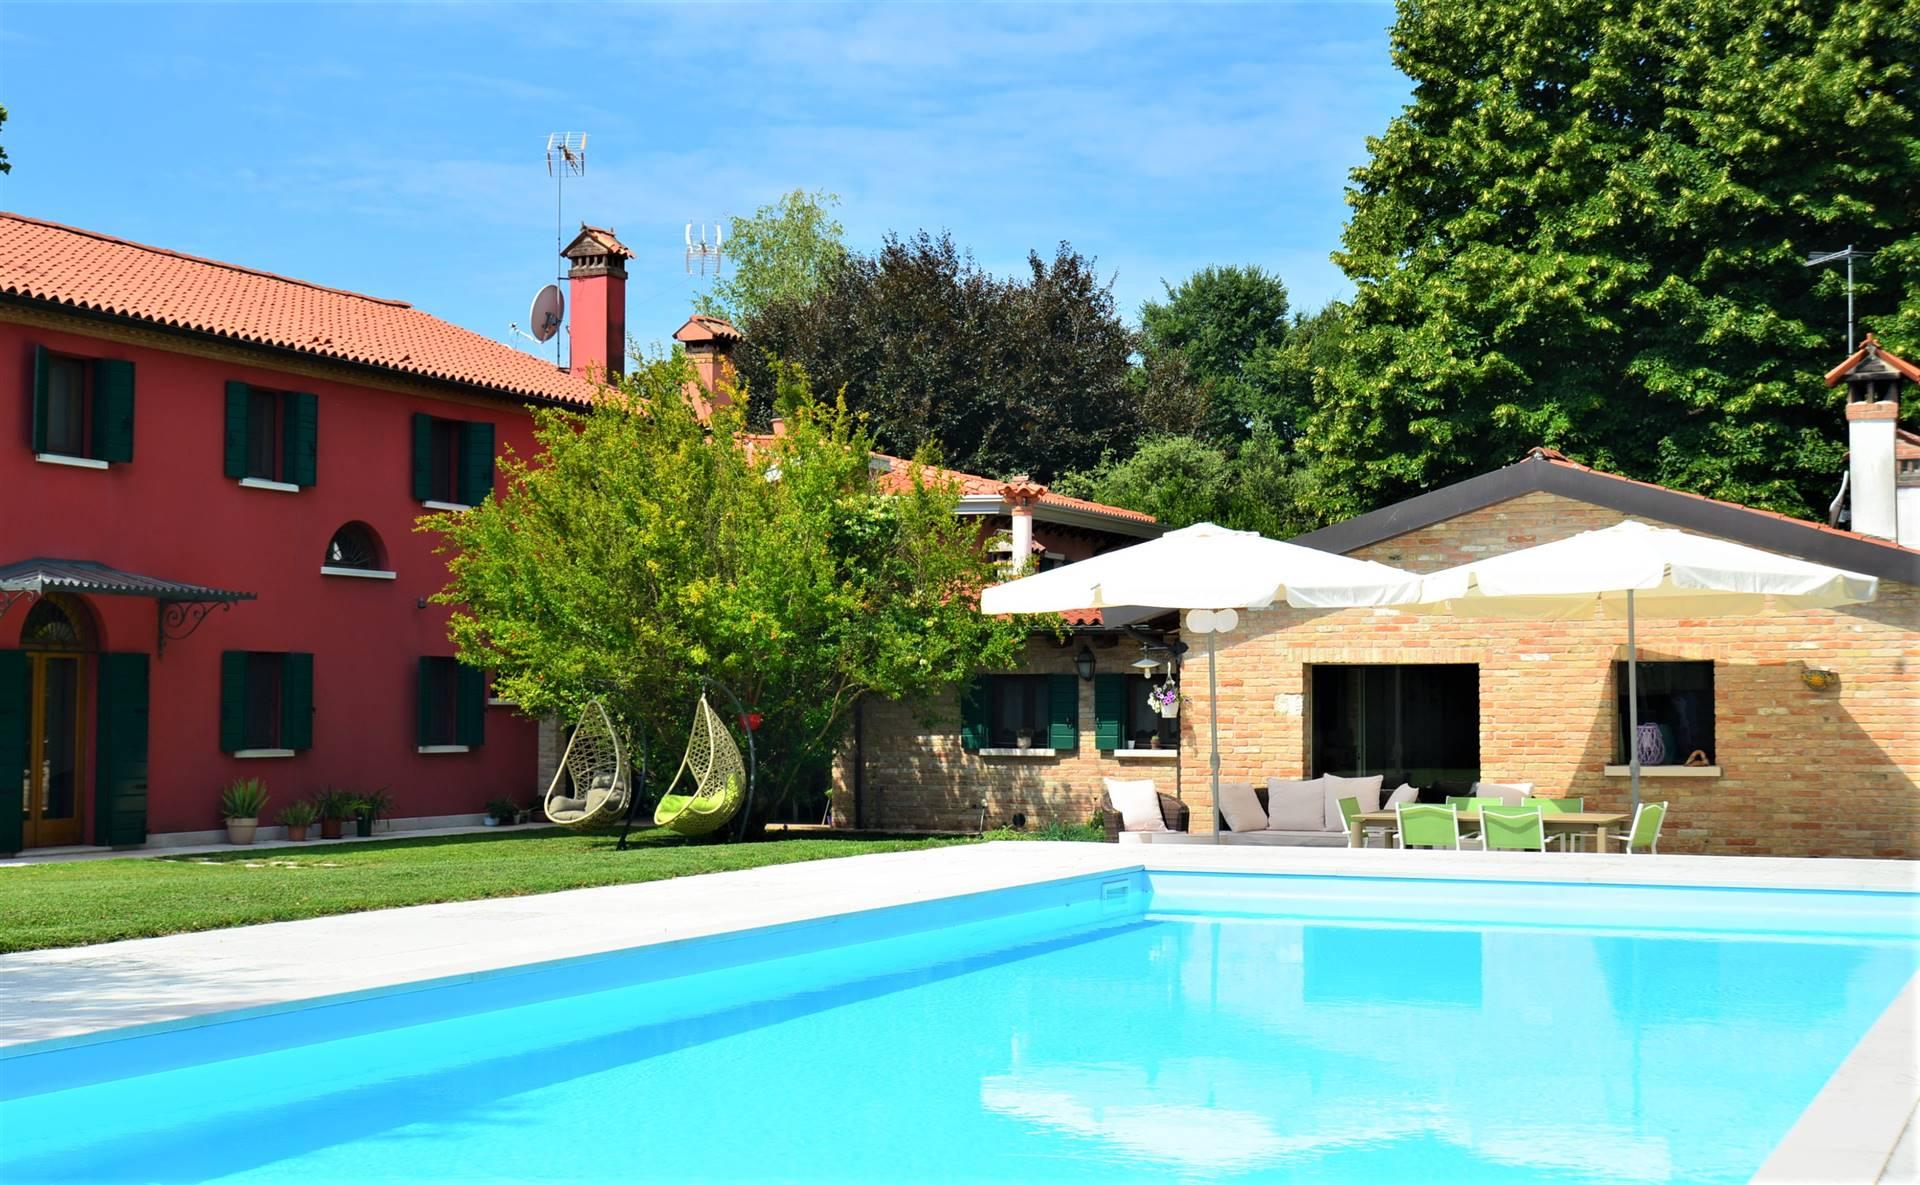 Mirano direzione Salzano, a soli 2,5 chilometri dal centro della città, splendida ed esclusiva villa con parco alberato e piscina. L'esclusiva